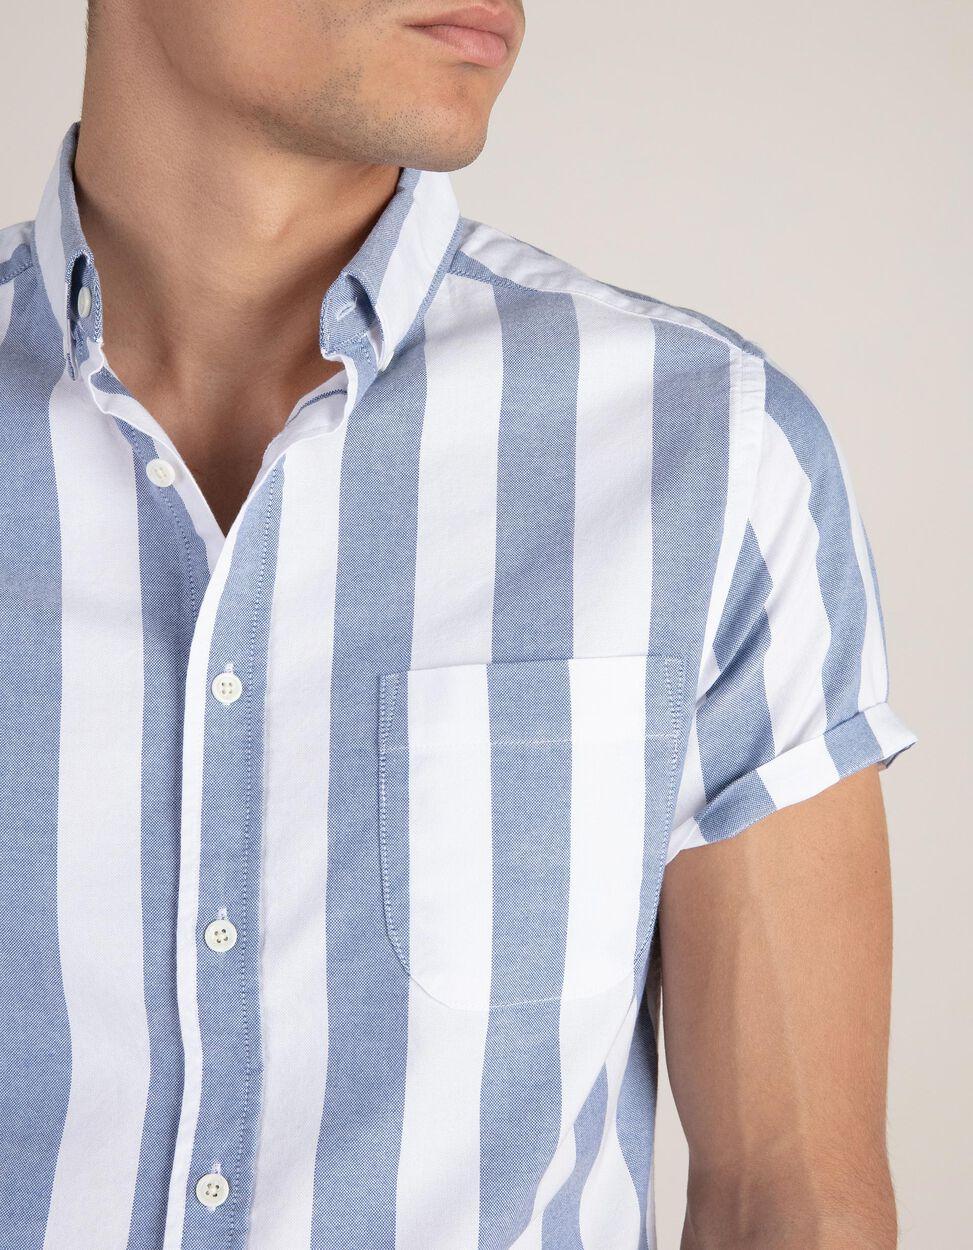 Camisa Riscas Slim Fit